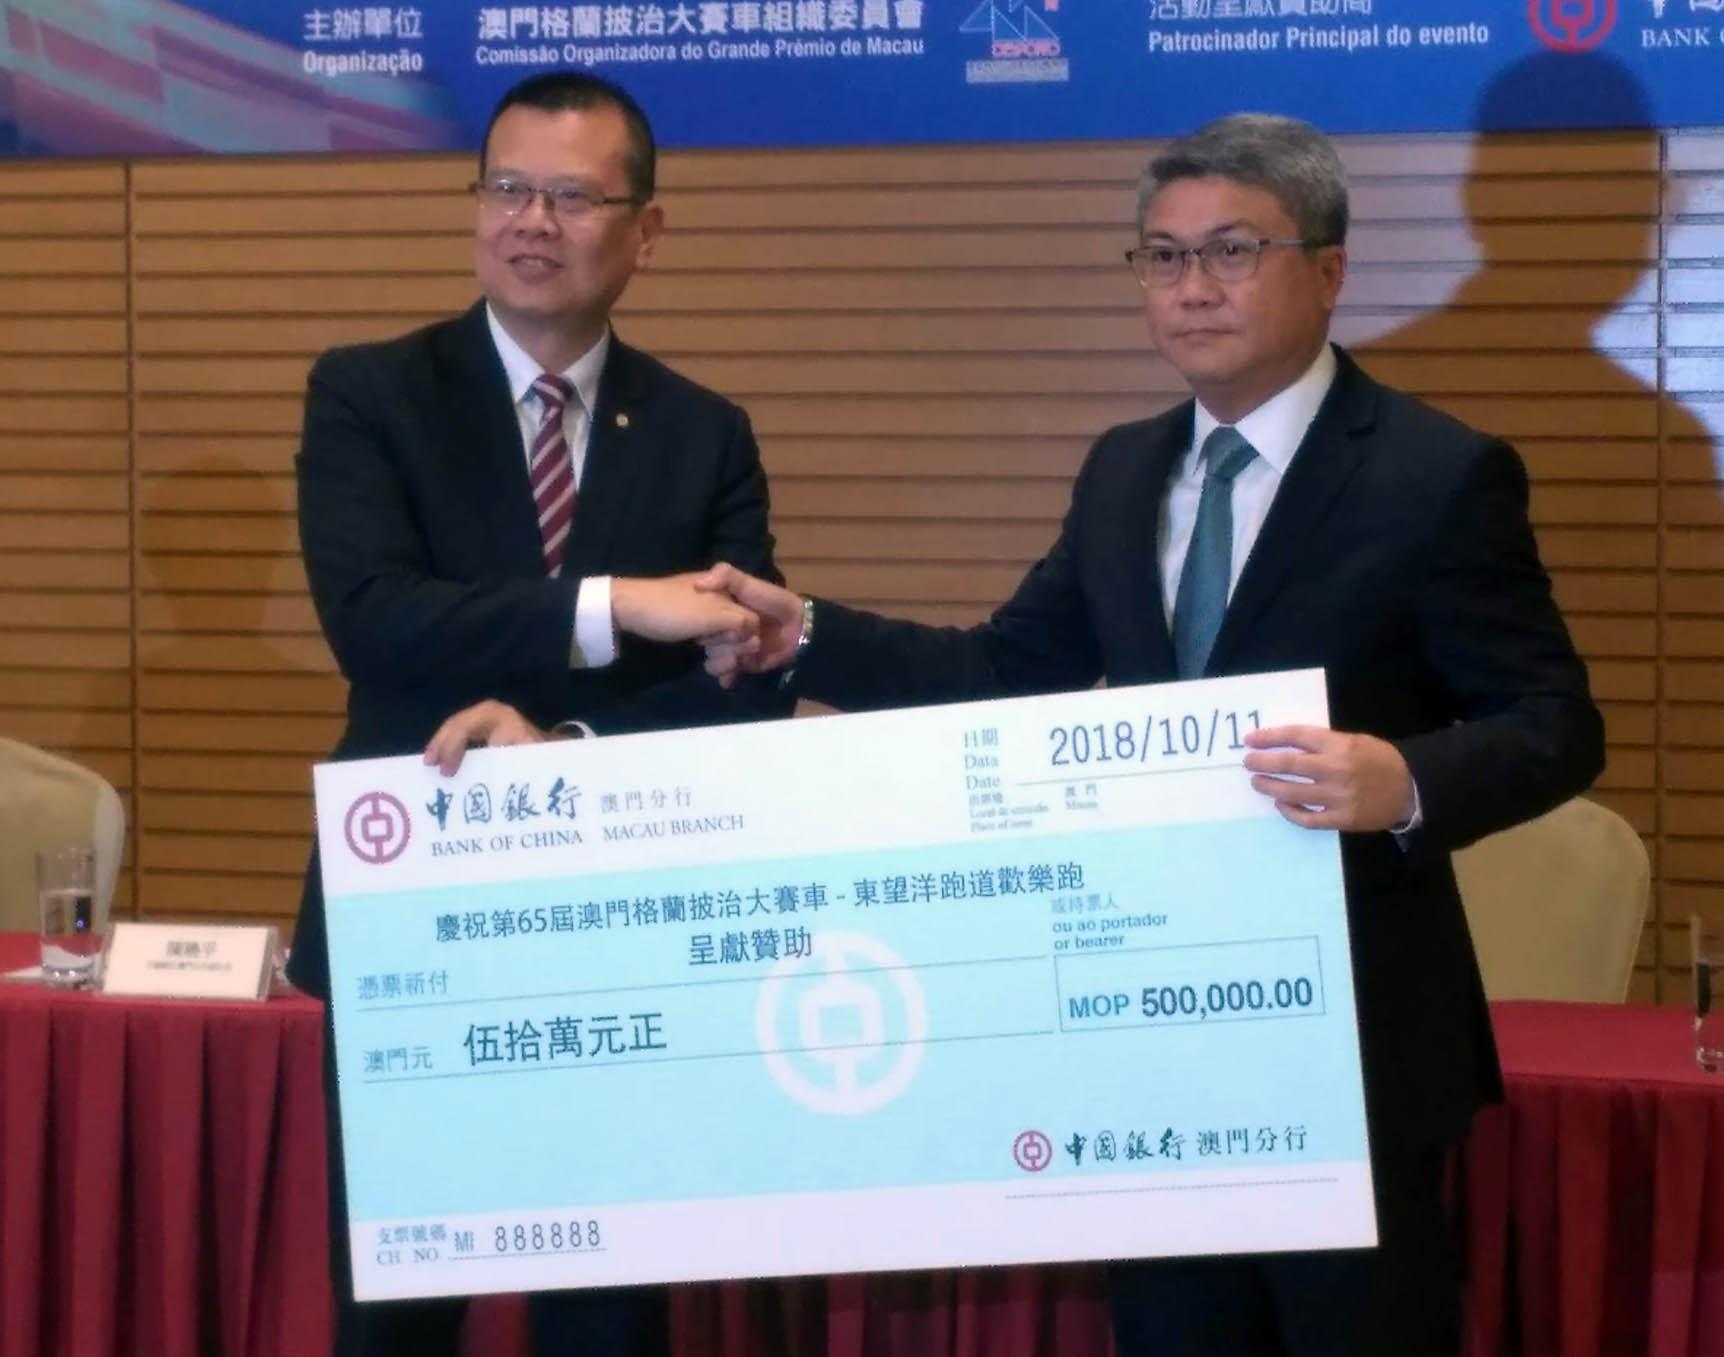 Guia | Banco da China paga 500 mil patacas para prova de atletismo